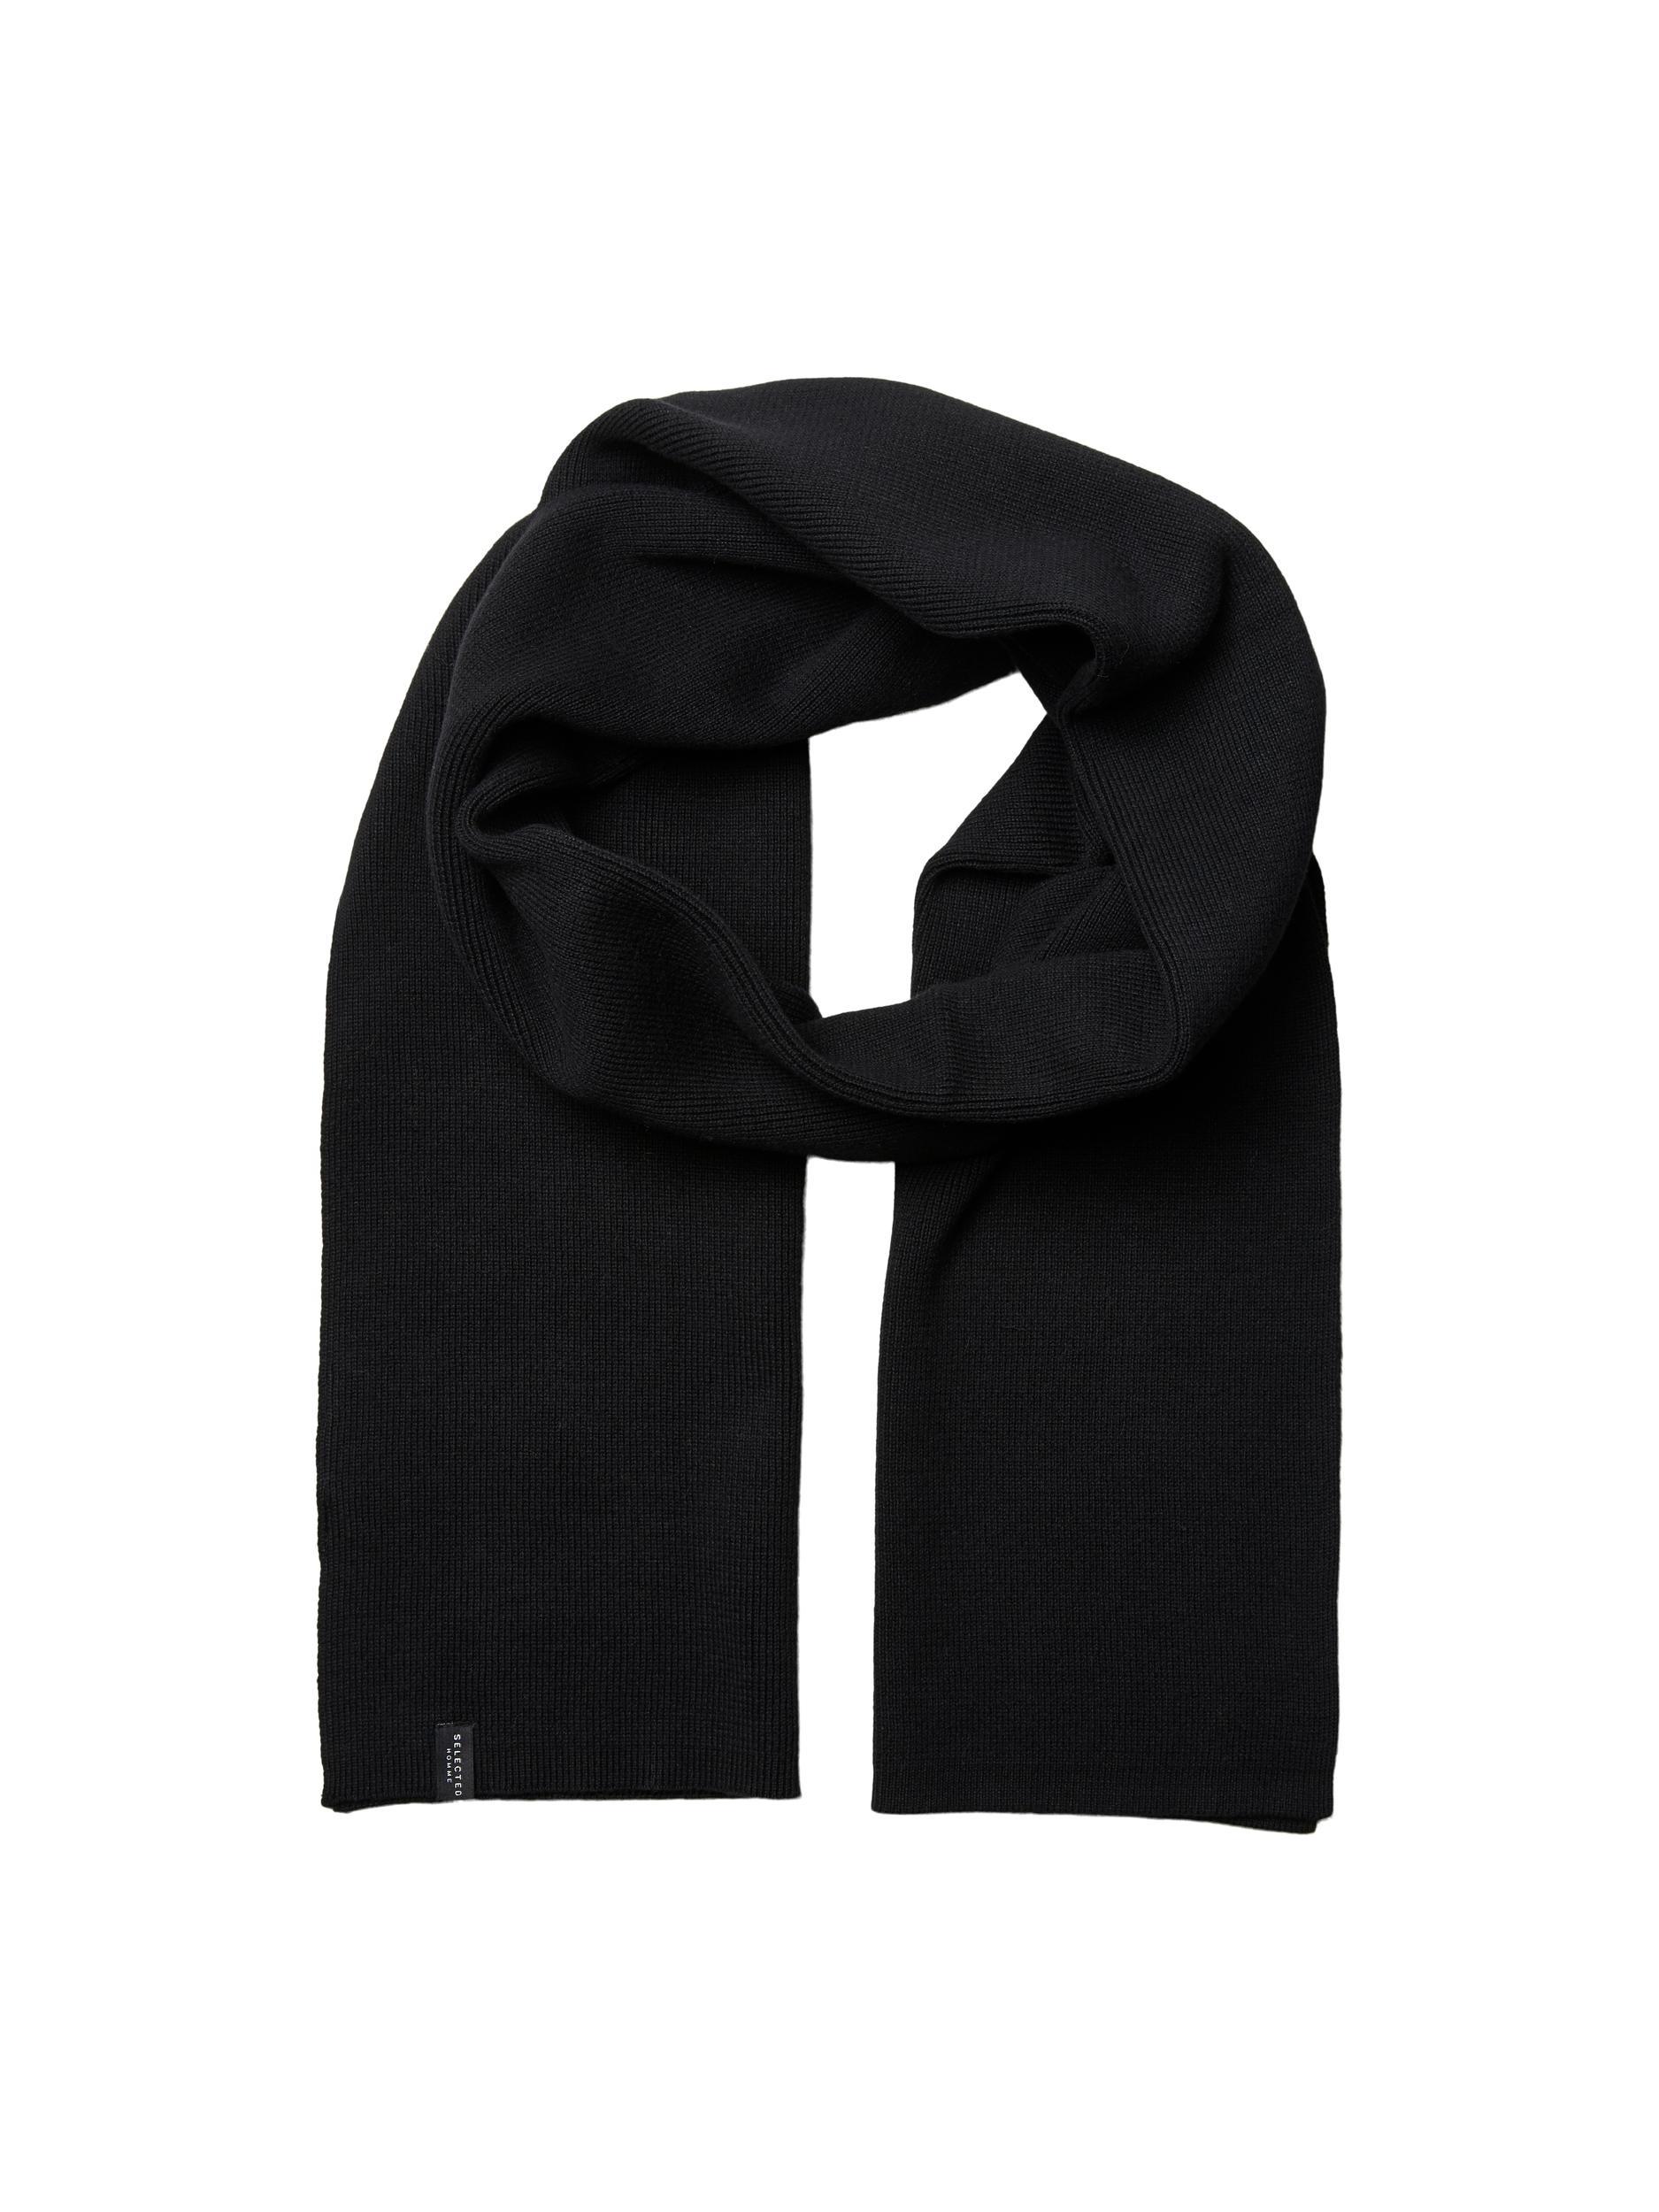 SELECTED HOMME SLHLOYD halstørklæde, burgundy